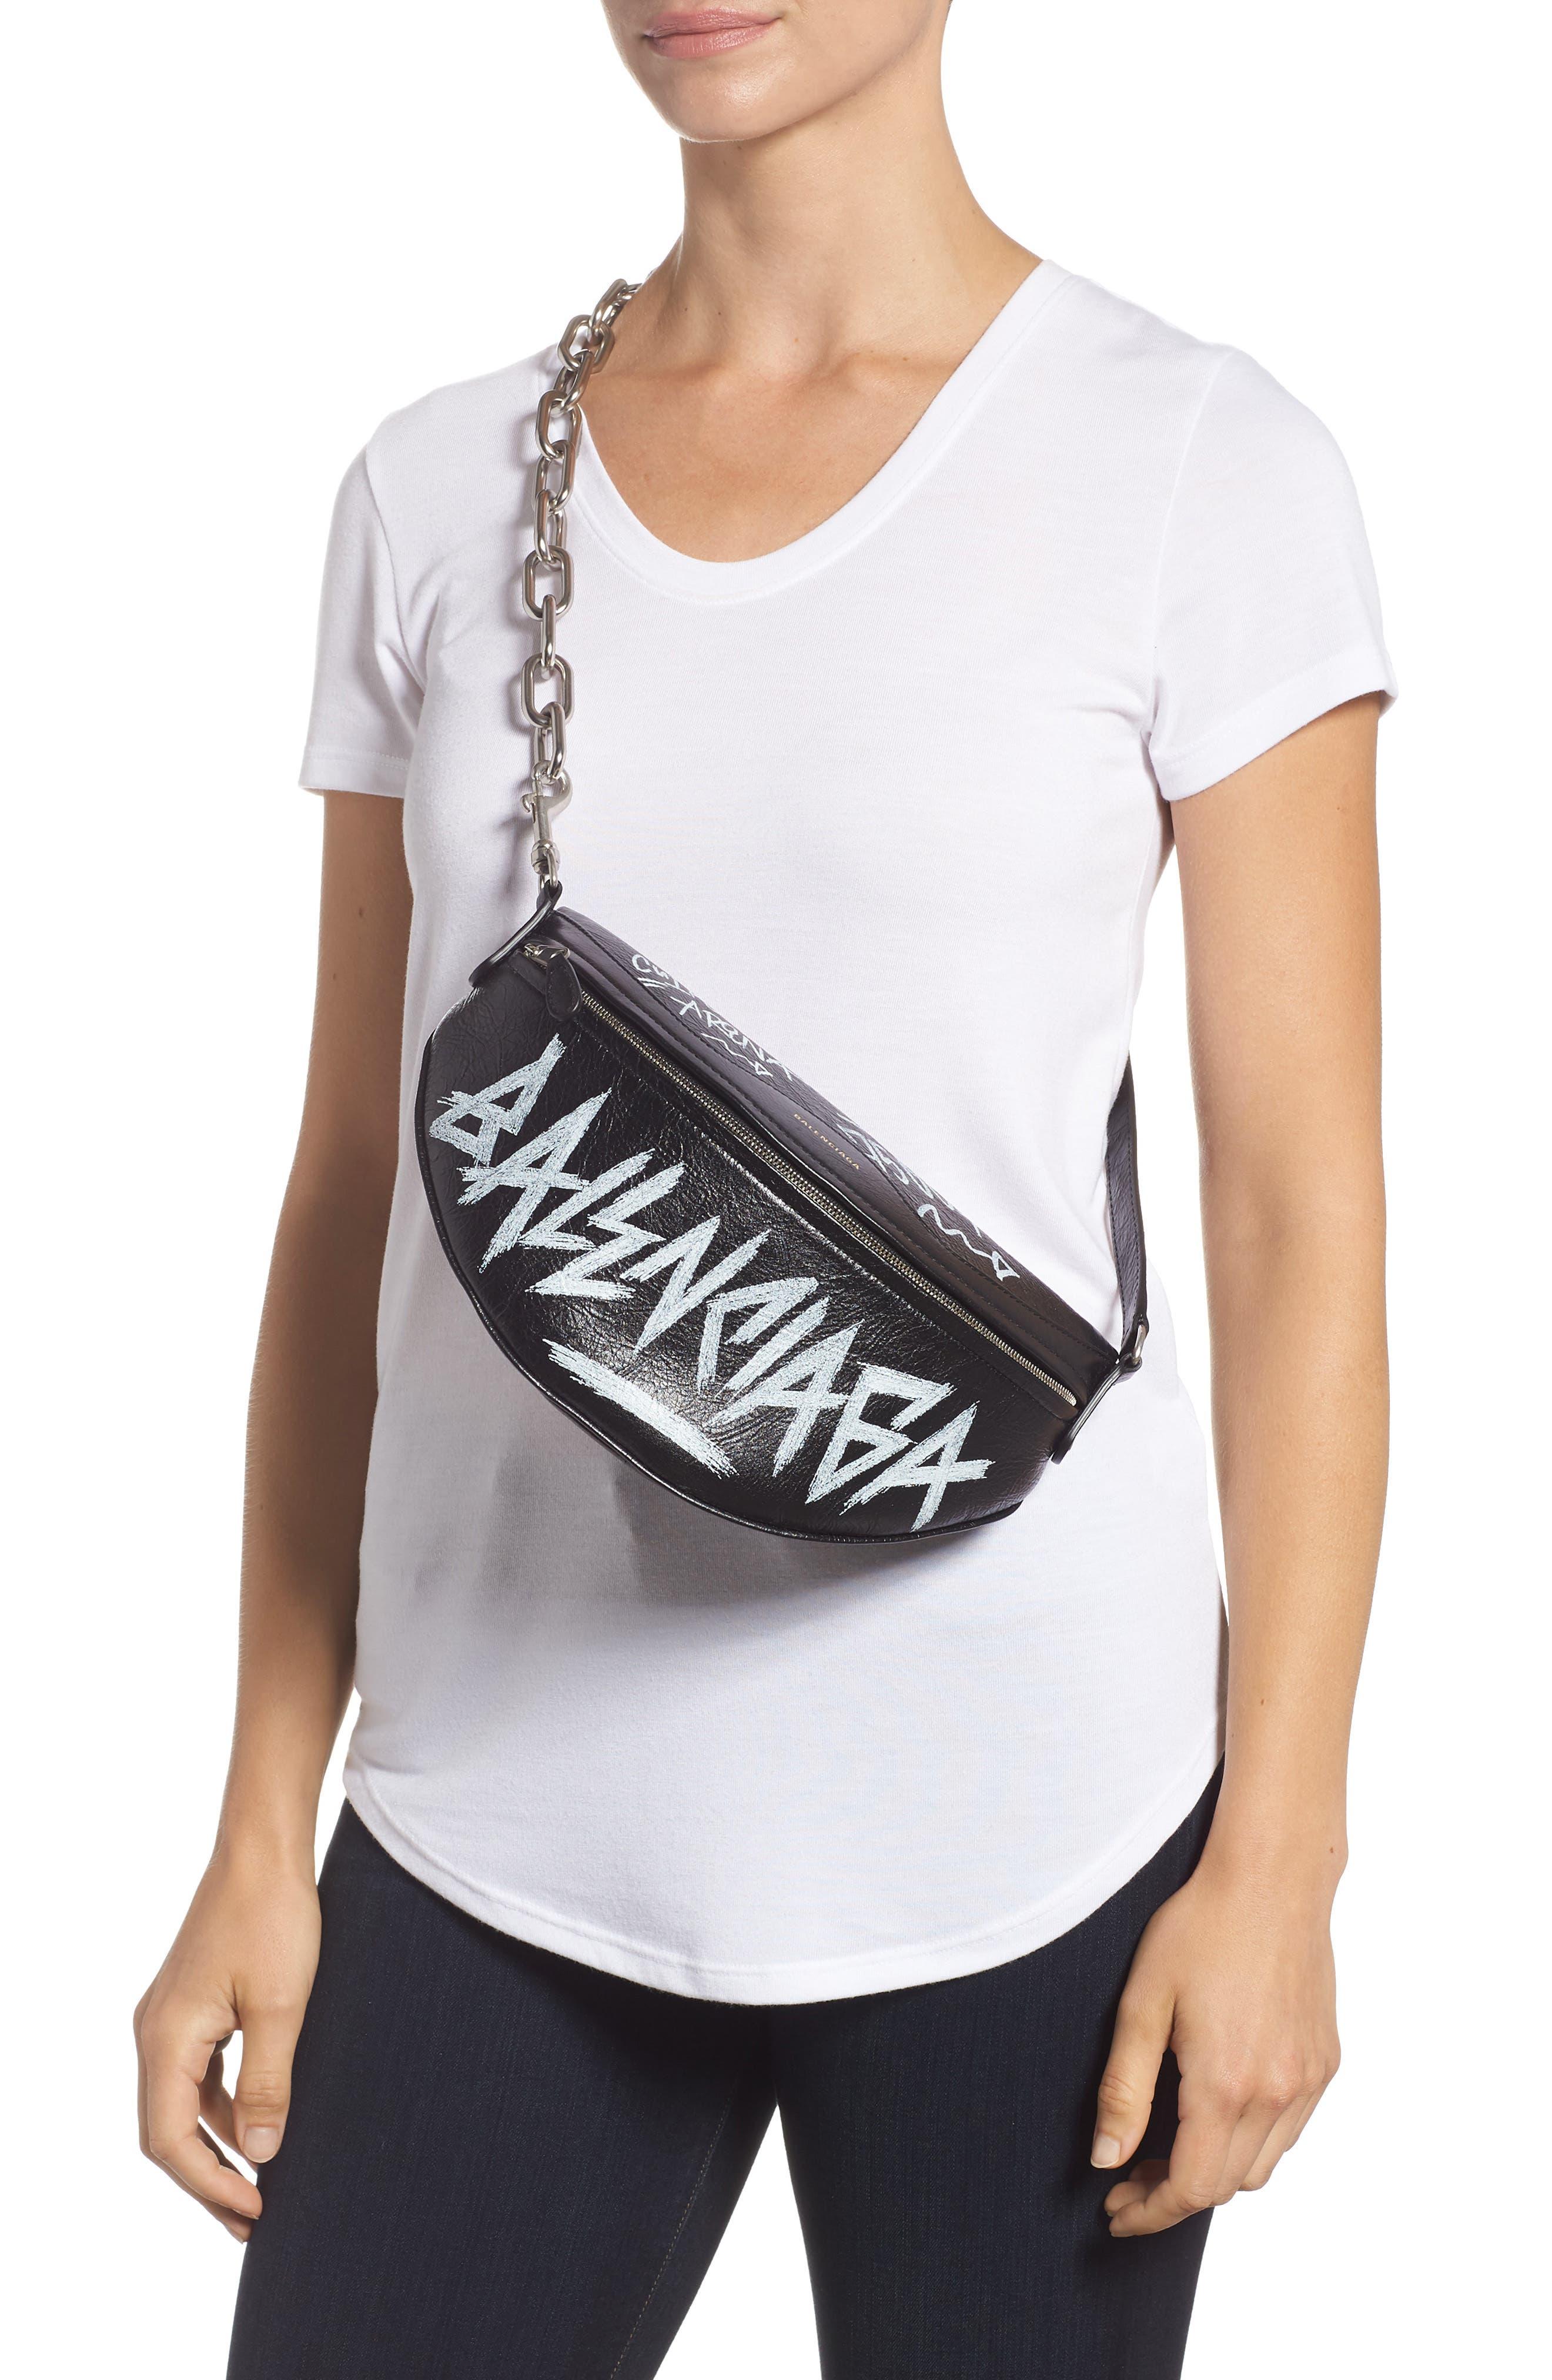 Graffiti Souvenir Leather Belt Bag,                             Alternate thumbnail 3, color,                             NOIR/ BLANC